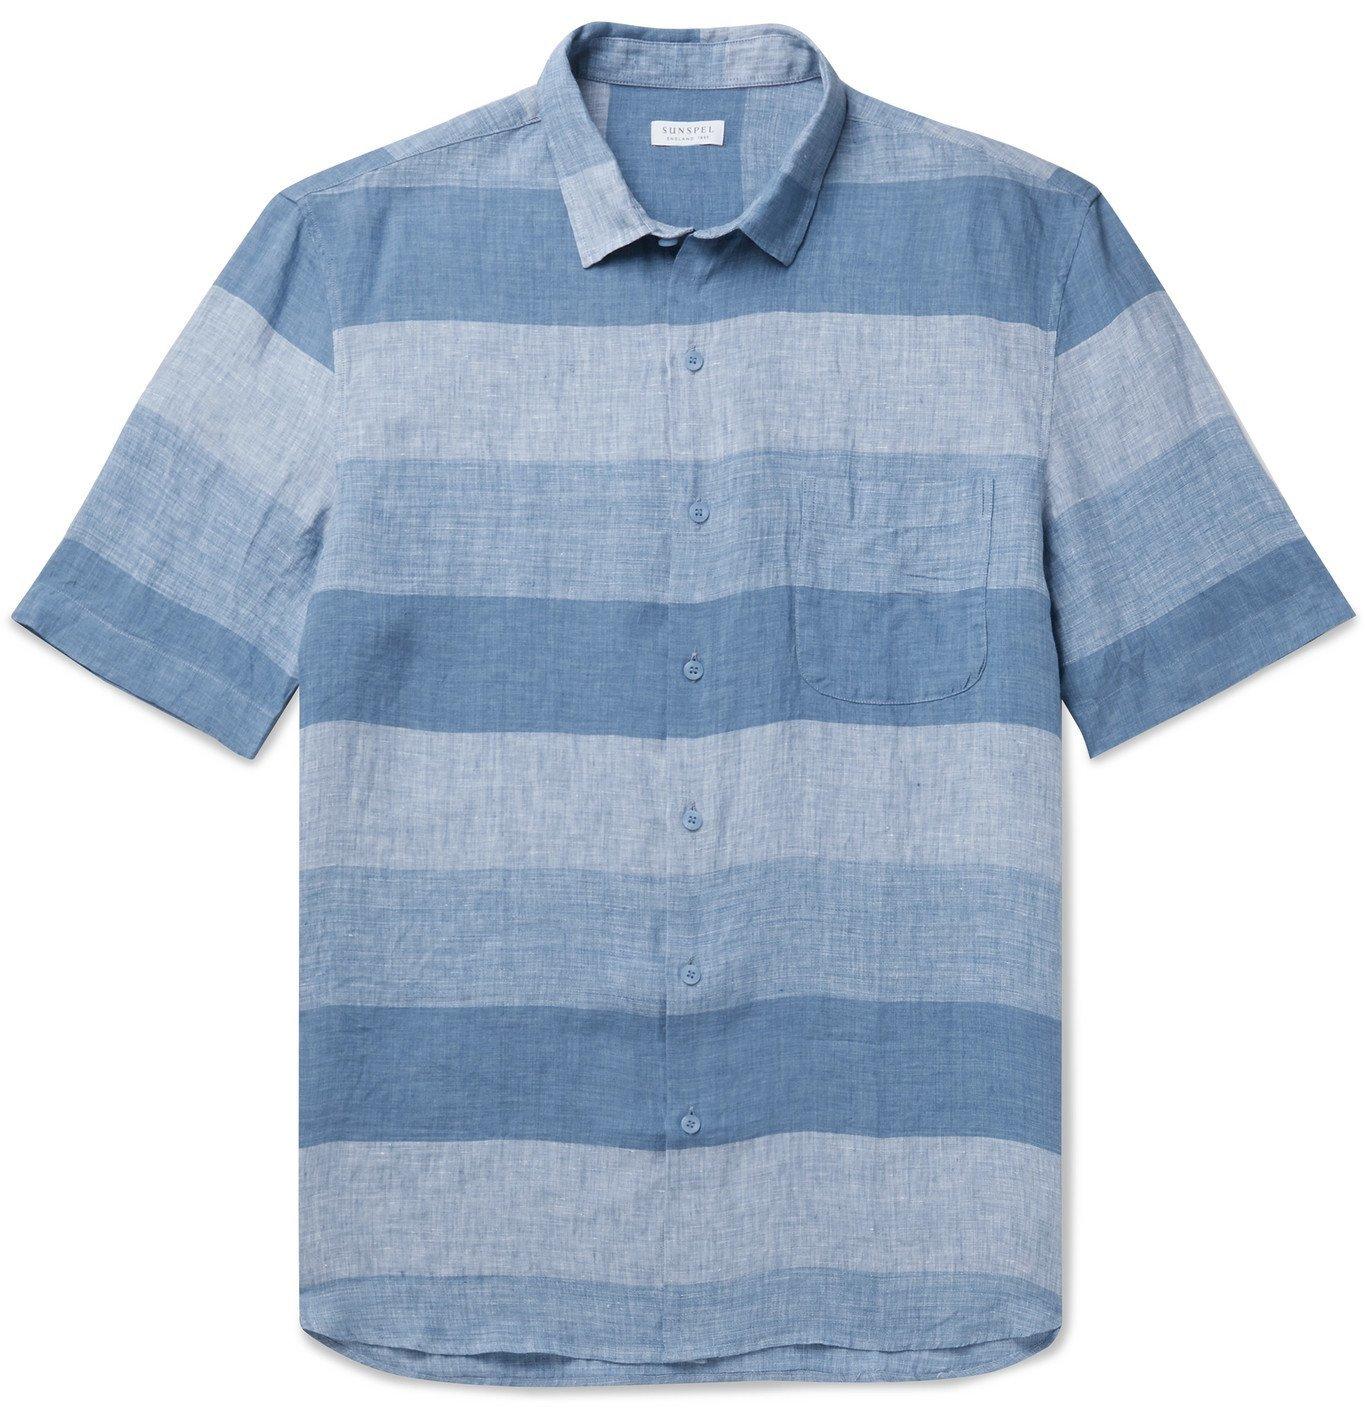 Sunspel - Mélange Linen Shirt - Blue